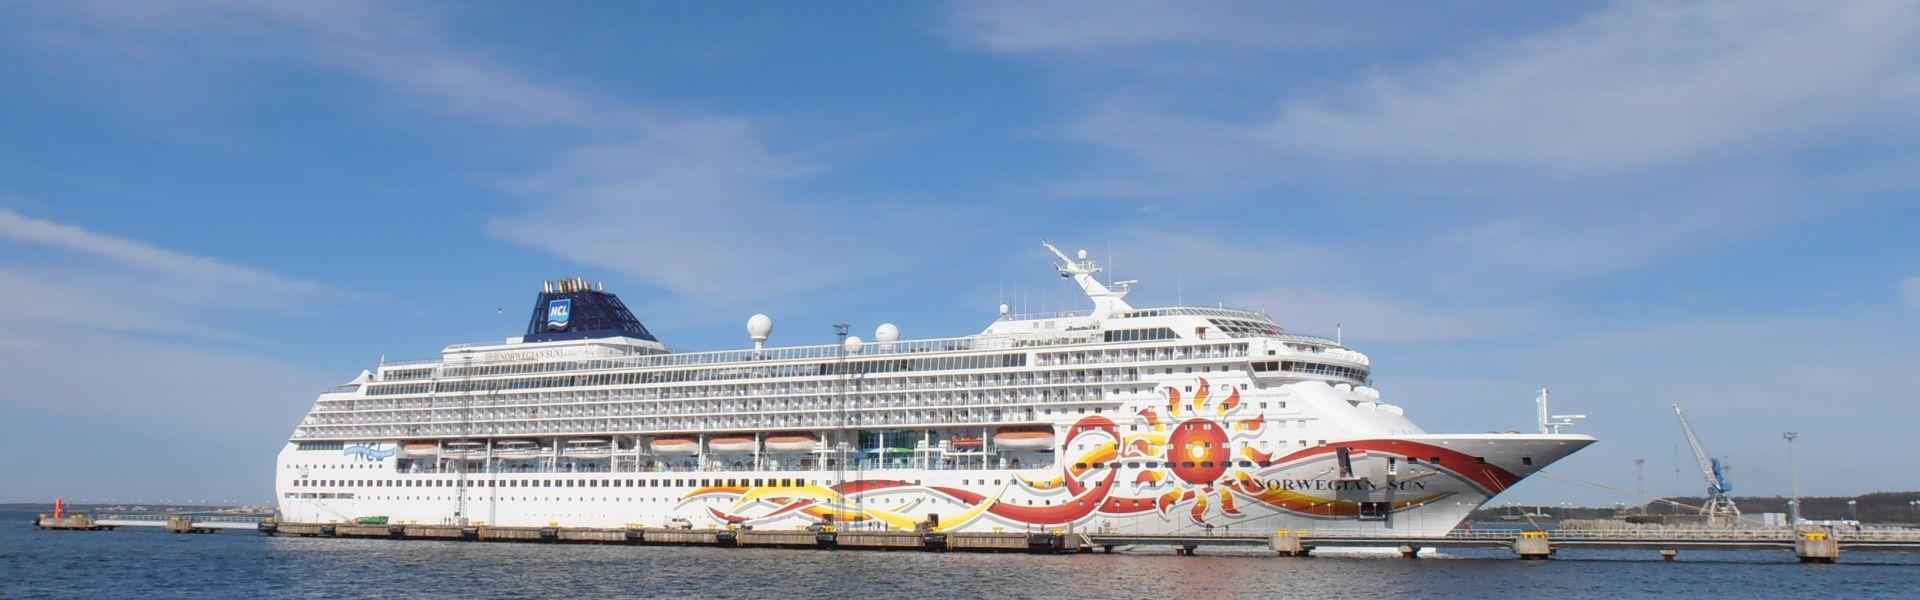 Croaziera 2017 - Alaska (Vancouver) - Norwegian Cruise Line - Norwegian Sun - 7 nopti